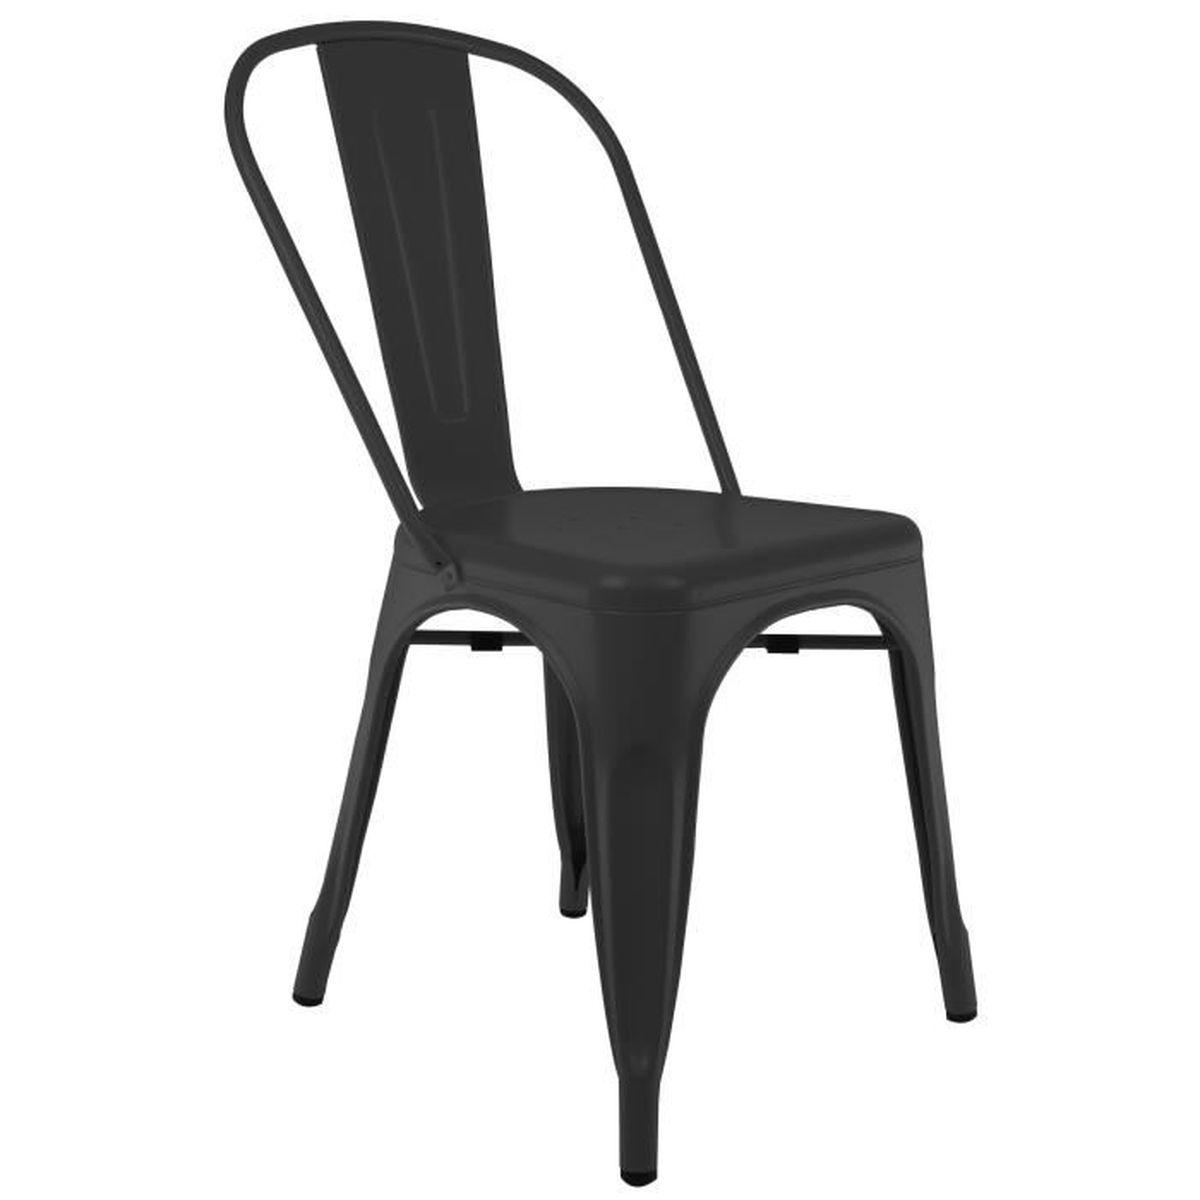 chaise privee chaise industrielle bistro noir sans coussin achat vente chaise. Black Bedroom Furniture Sets. Home Design Ideas